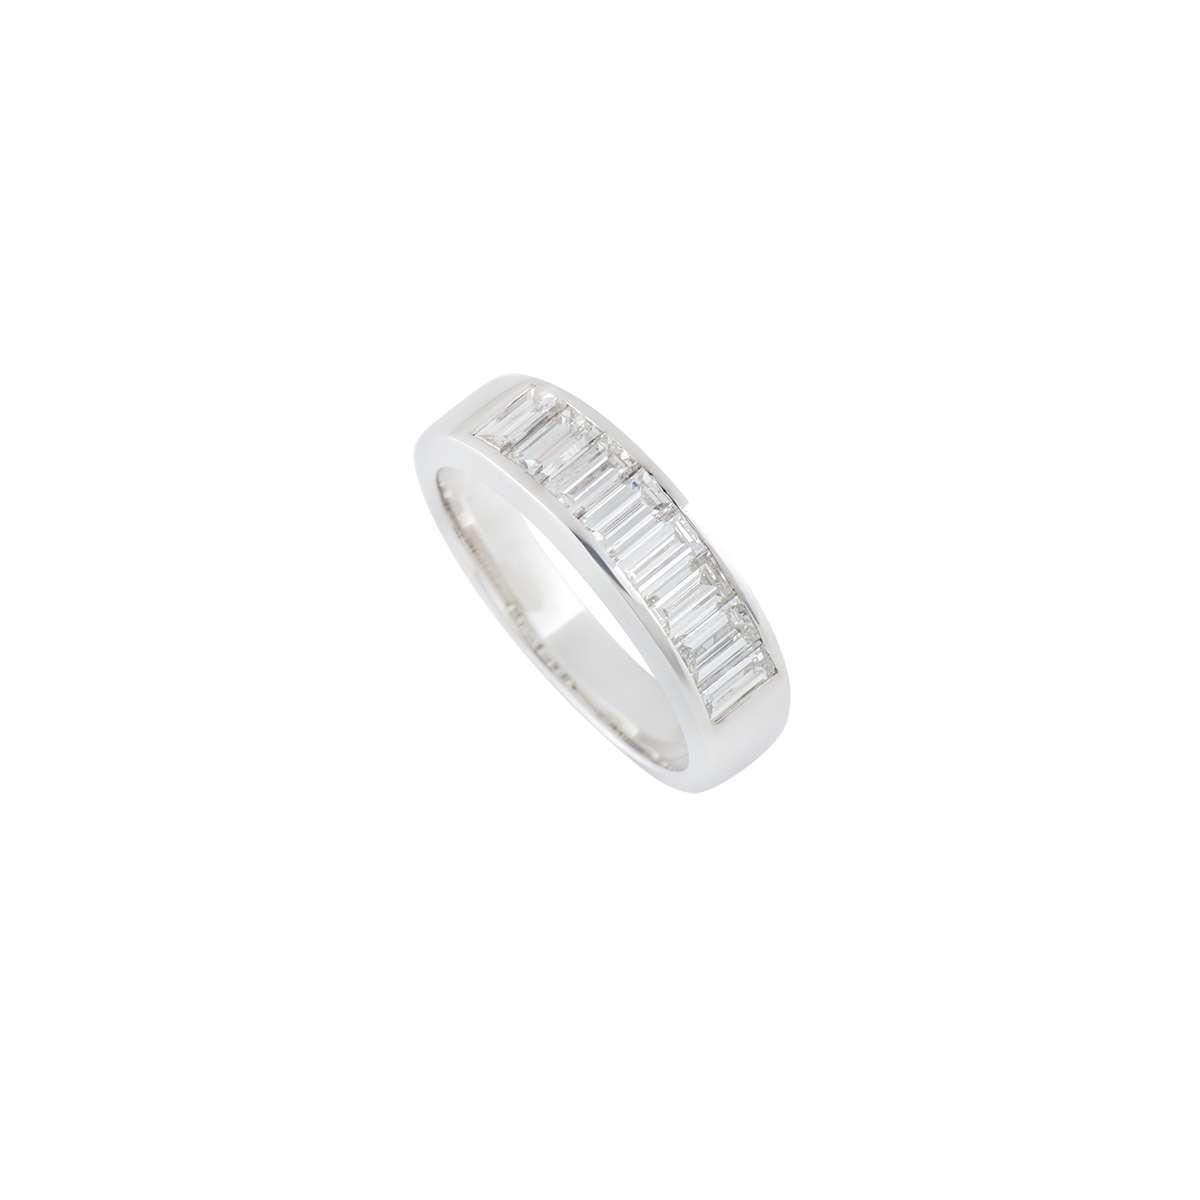 18k White Gold Baguette Cut Diamond Half Eternity Ring 1.31ct G/VS